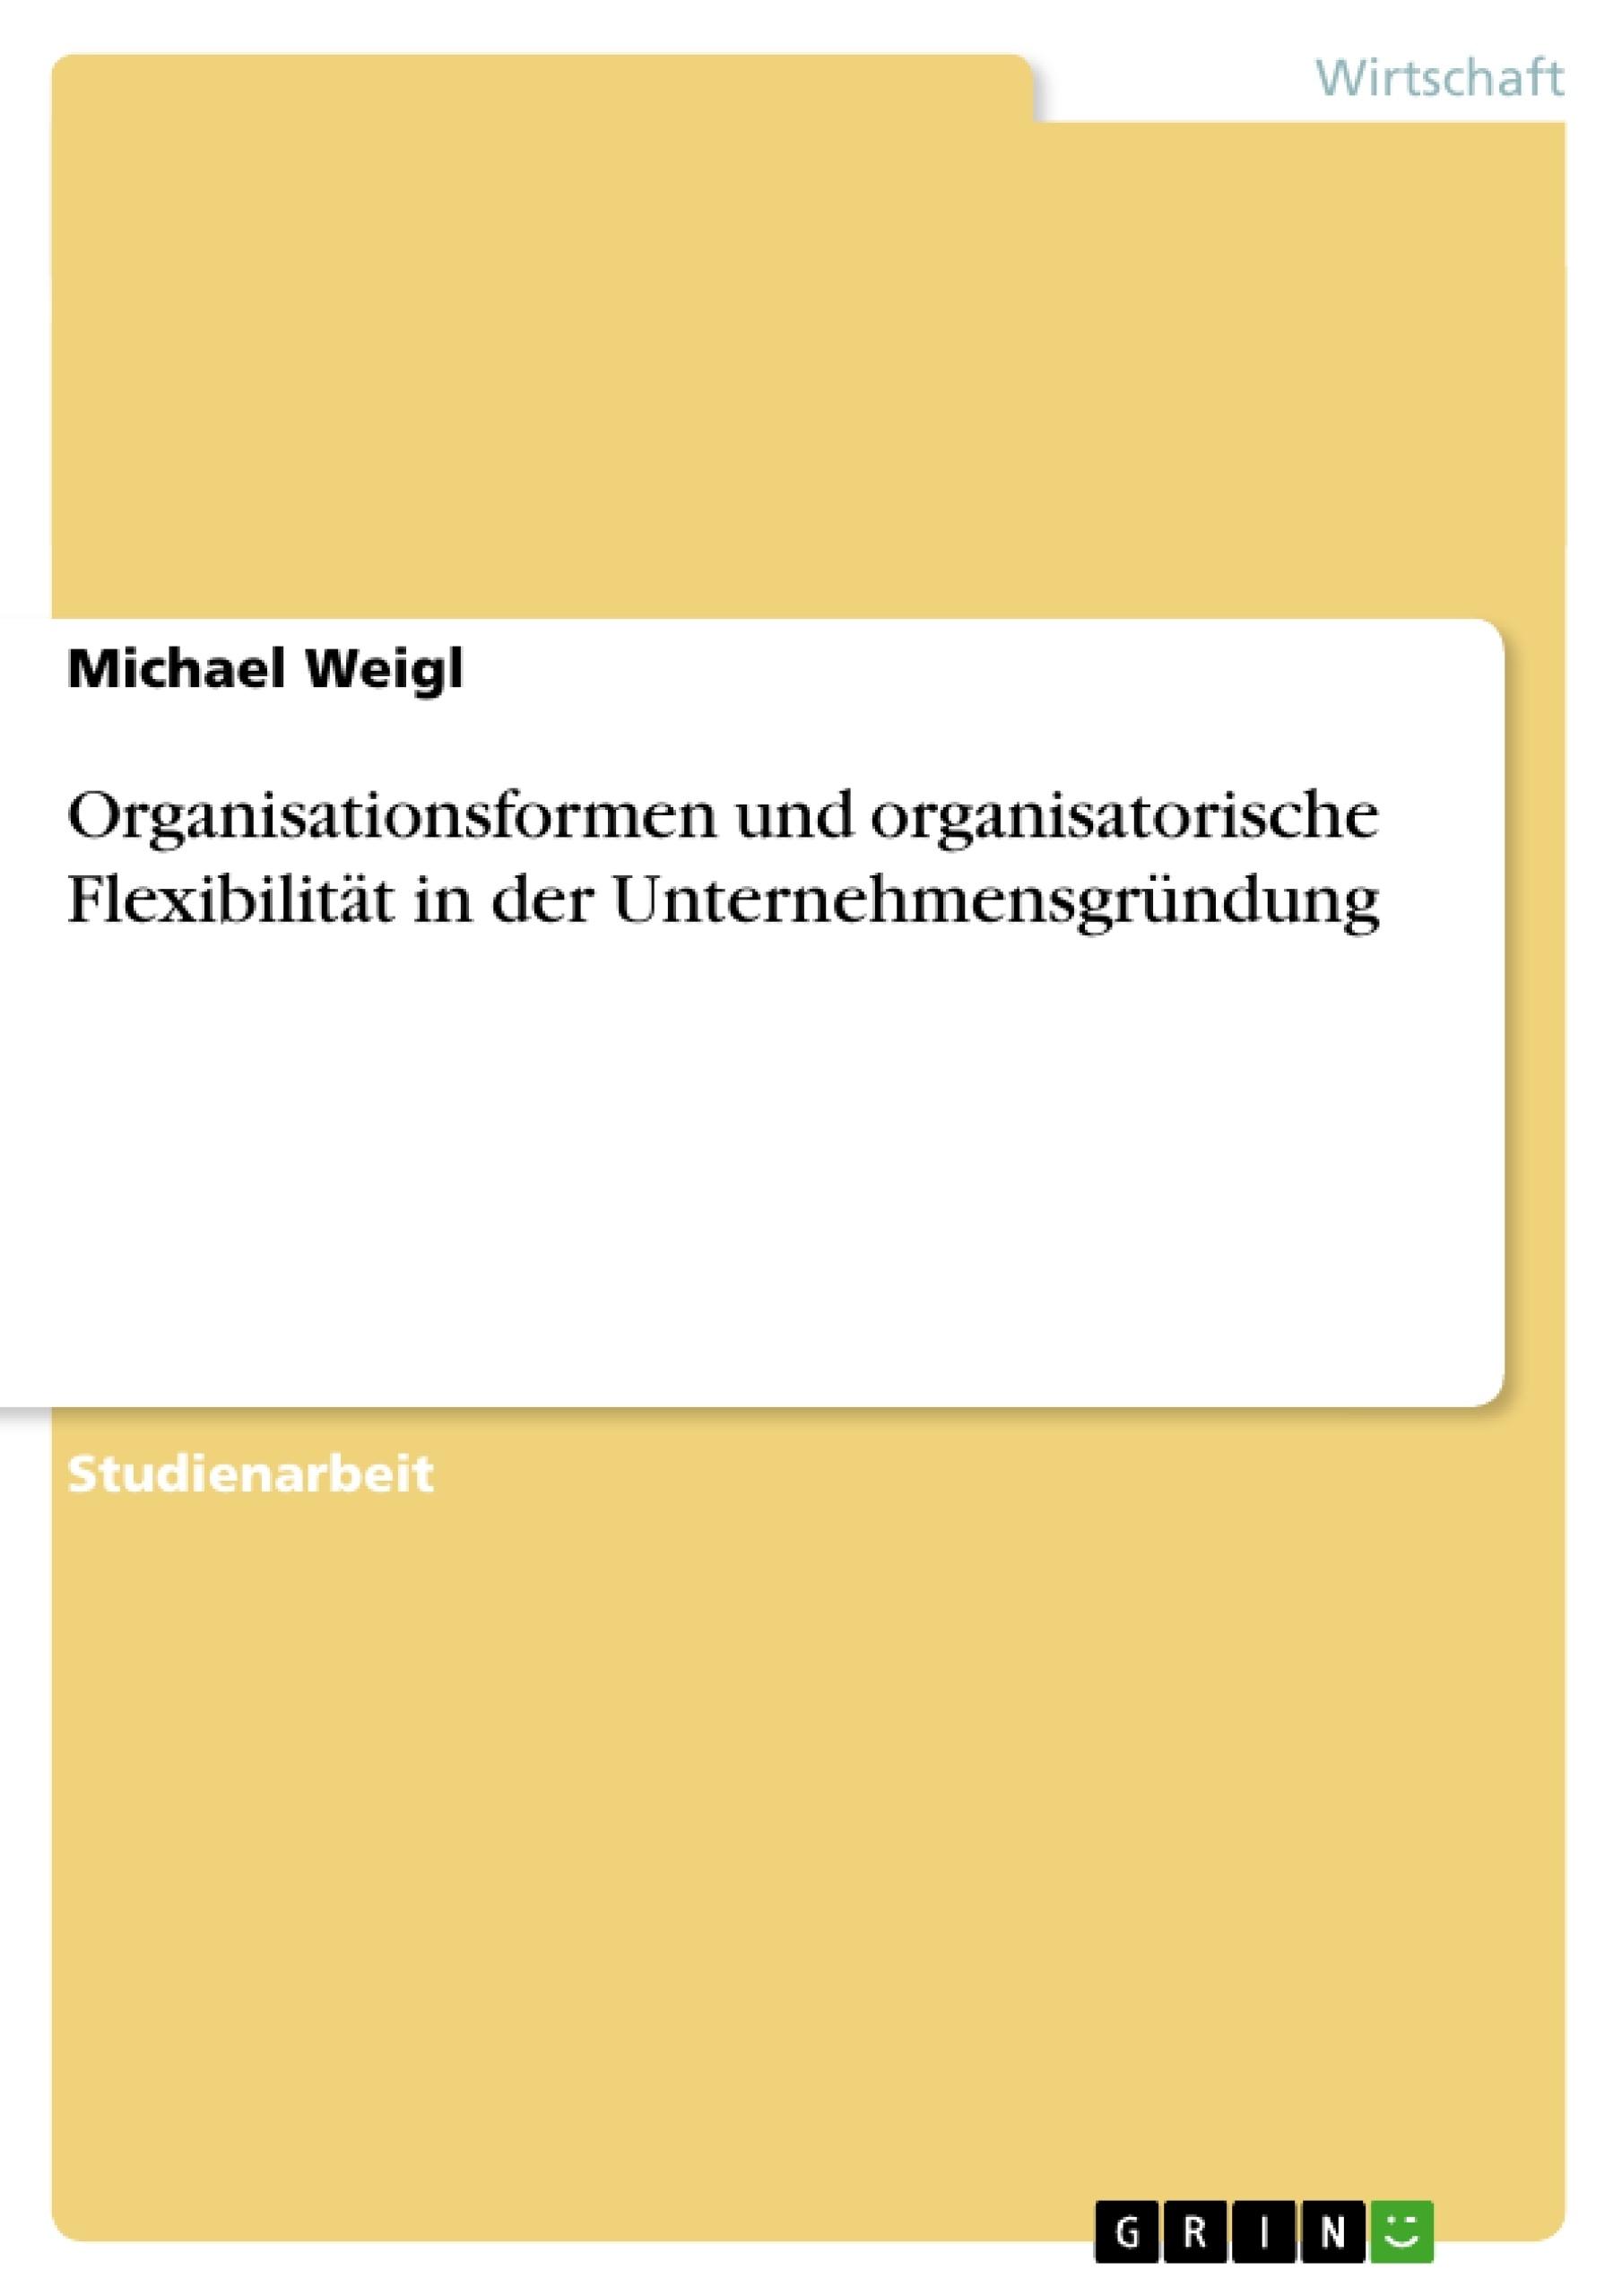 Titel: Organisationsformen und organisatorische Flexibilität in der Unternehmensgründung